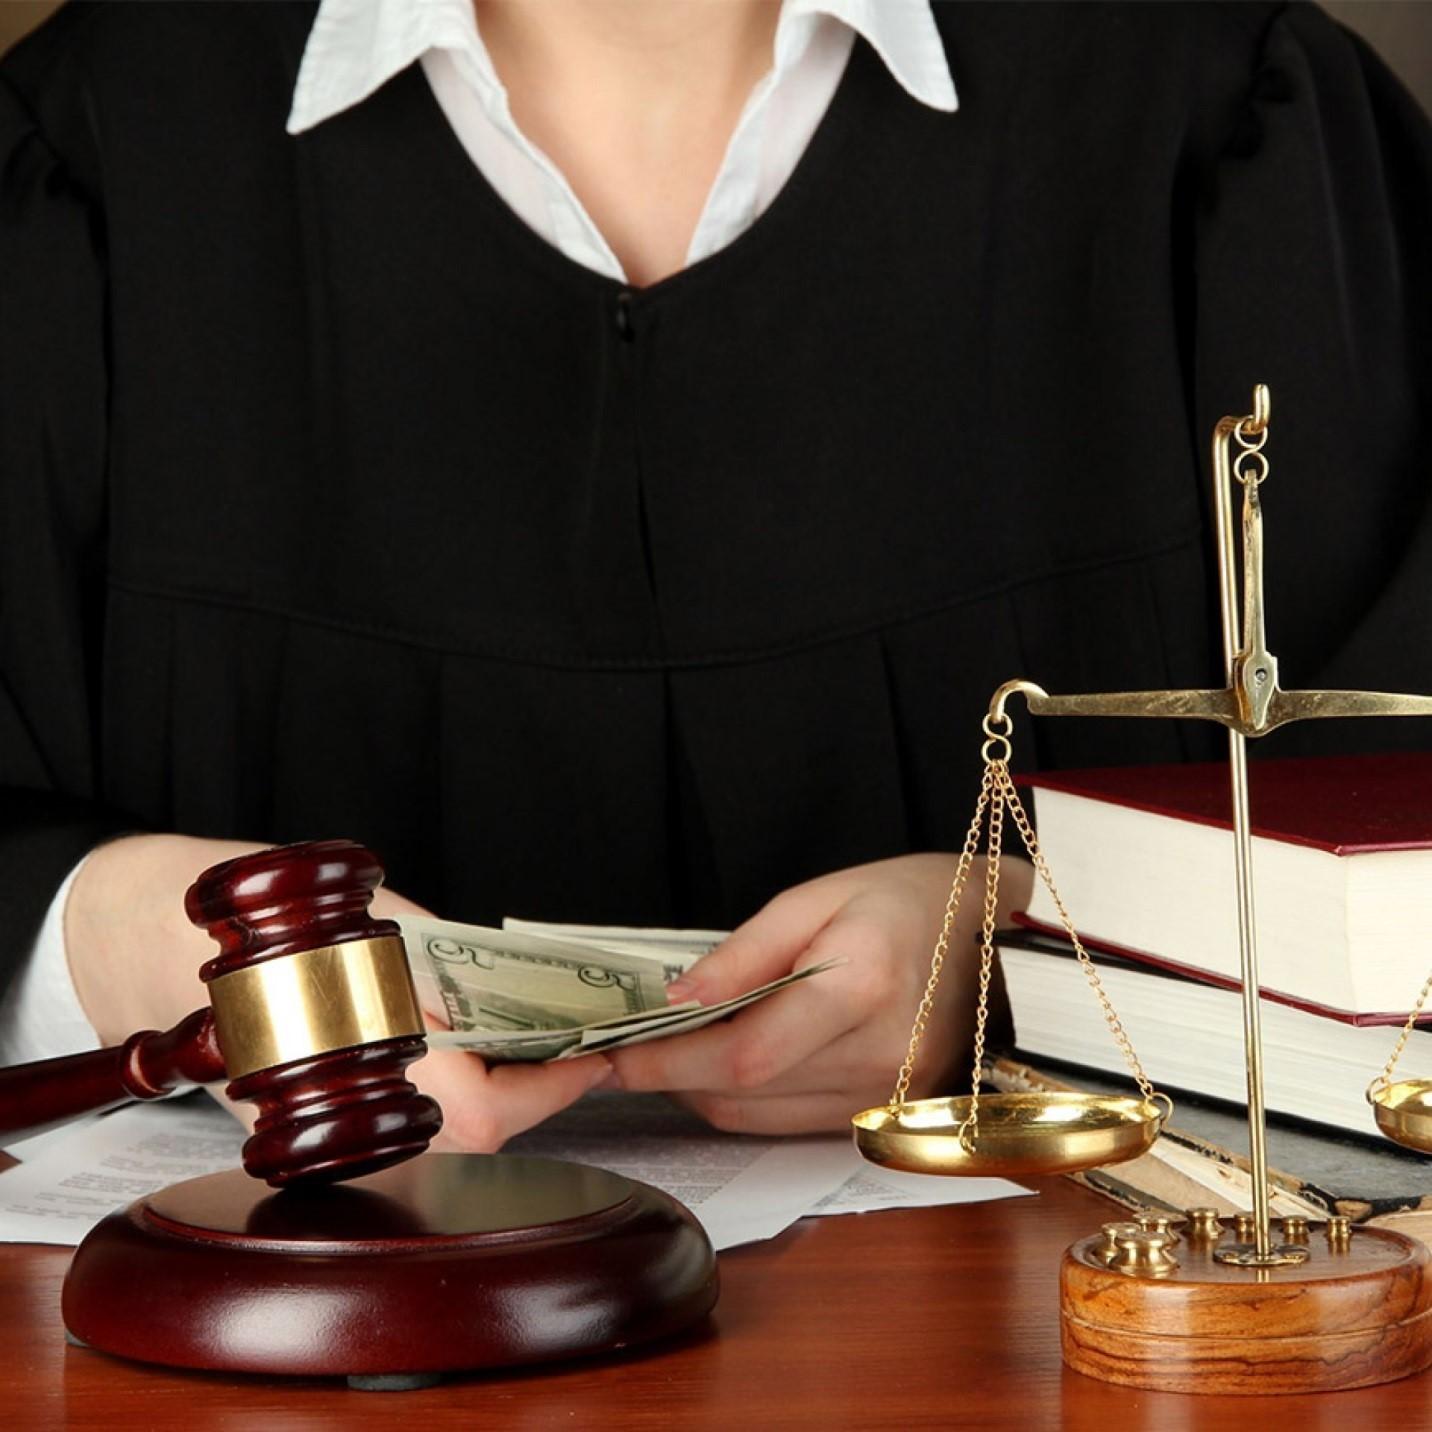 یک وکیل خوب باید چه ویژگی هایی شناخته می شود؟